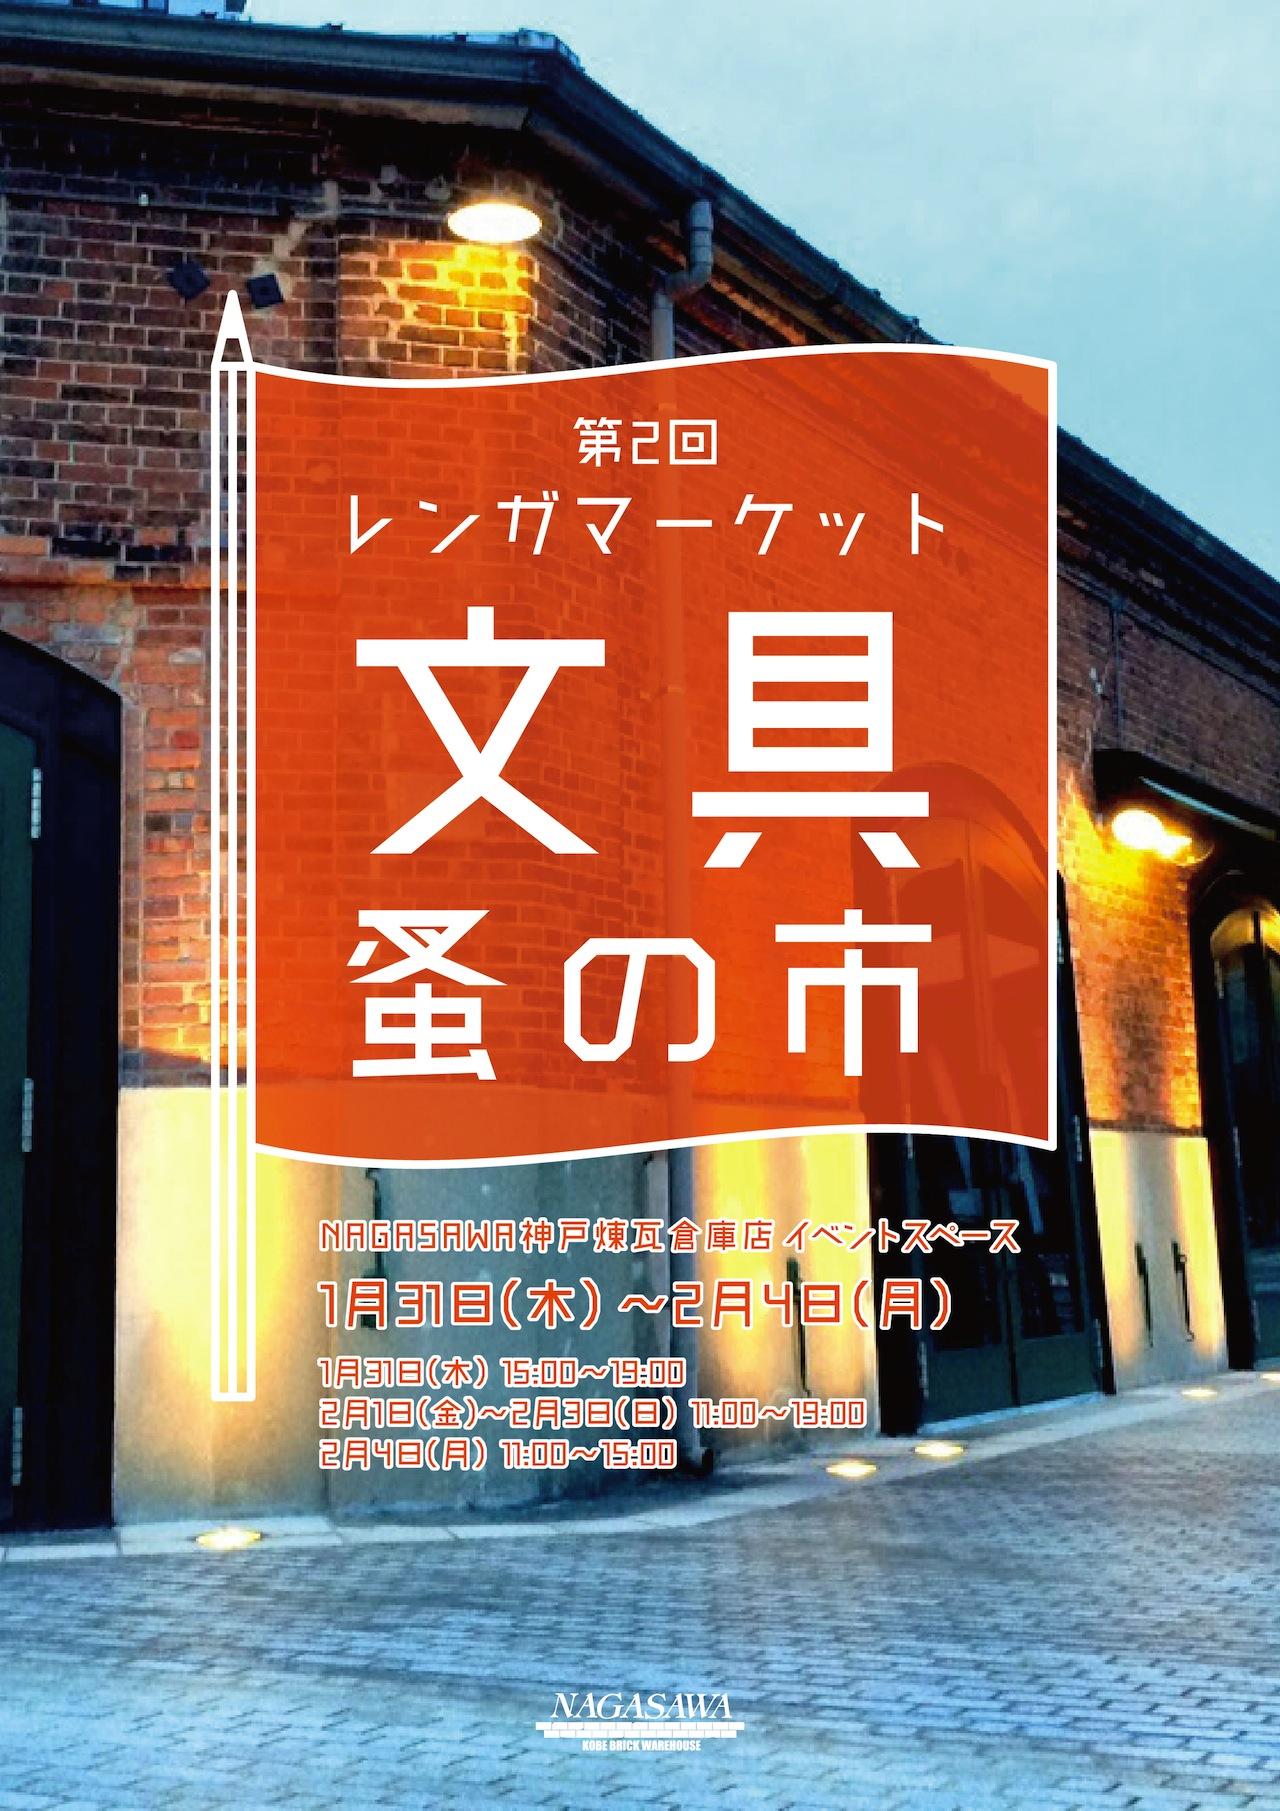 【神戸煉瓦倉庫店】限定商品・廃番商品などのお宝品が見つかるかも!? 文具蚤の市開催!!